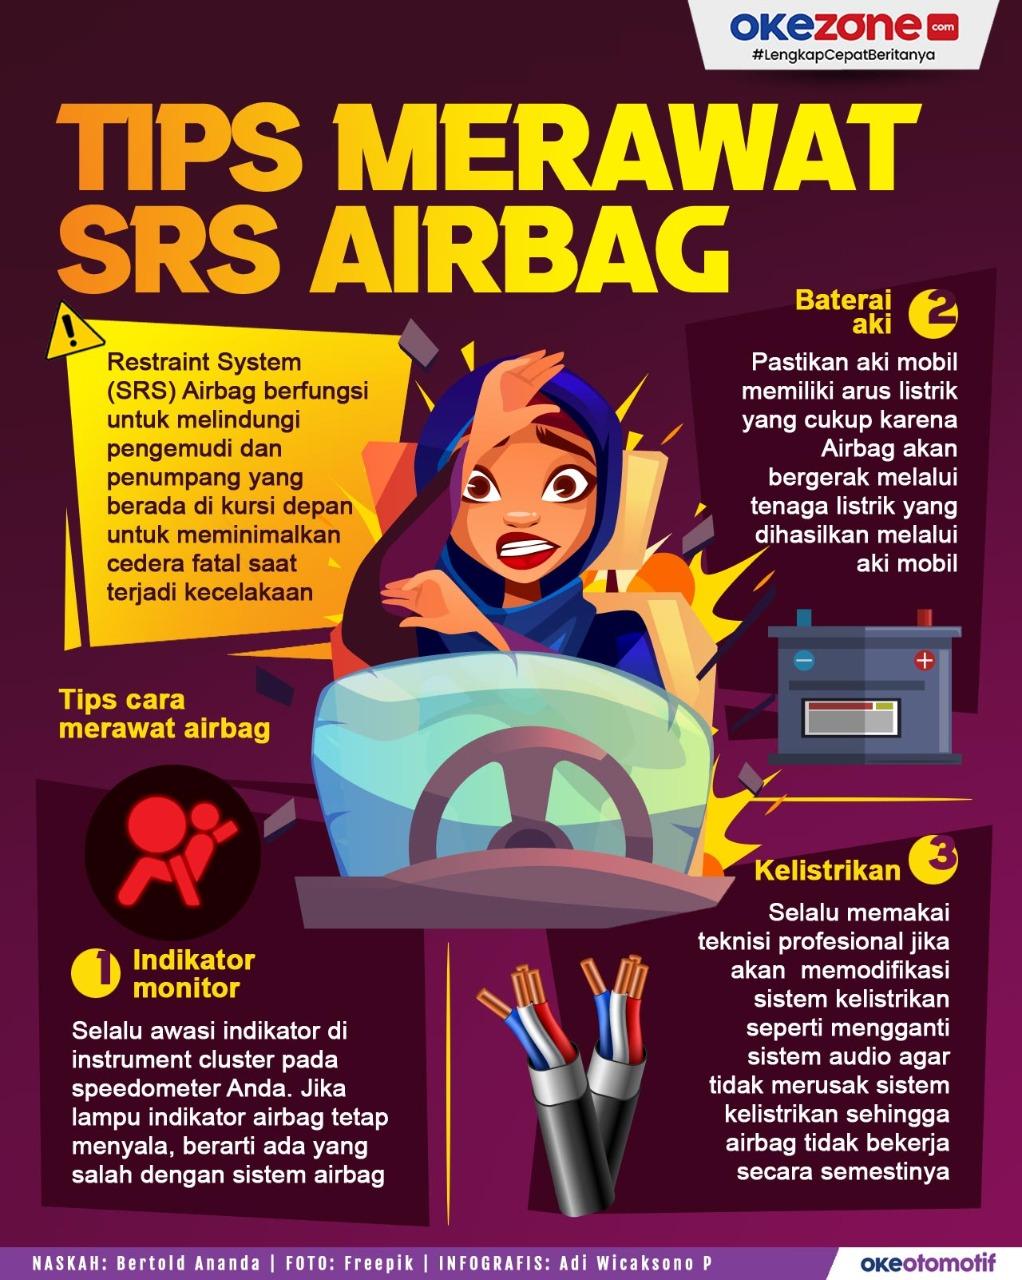 Tips Merawat SRS Airbag -